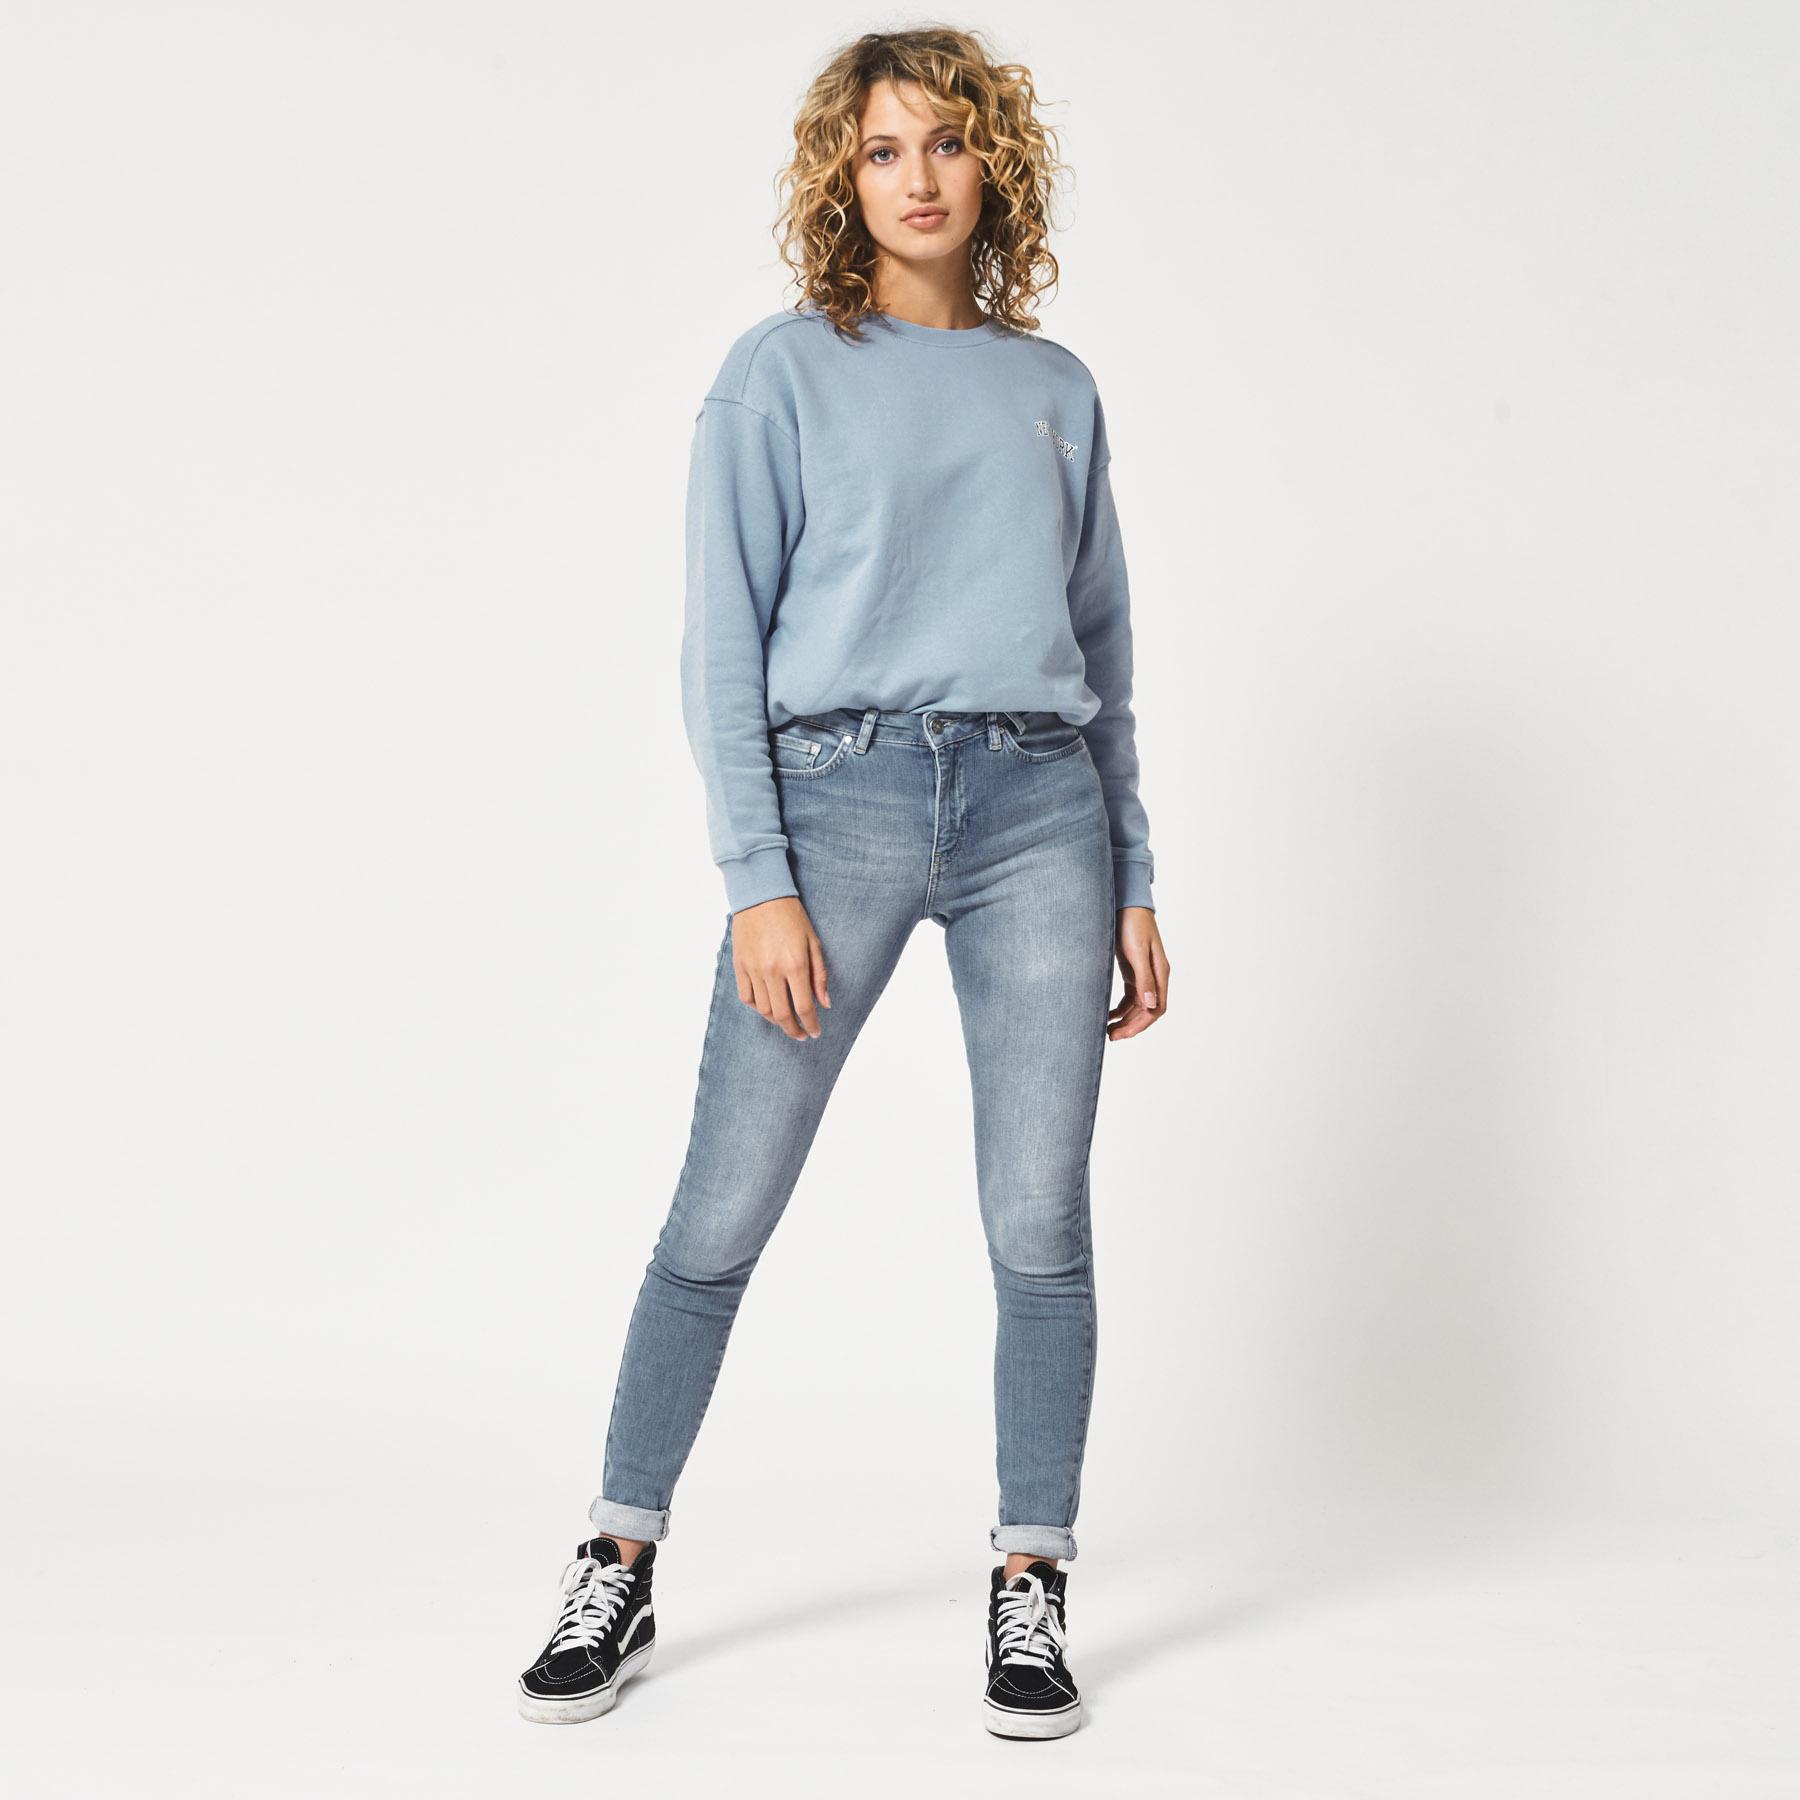 Sweater Savannah NY